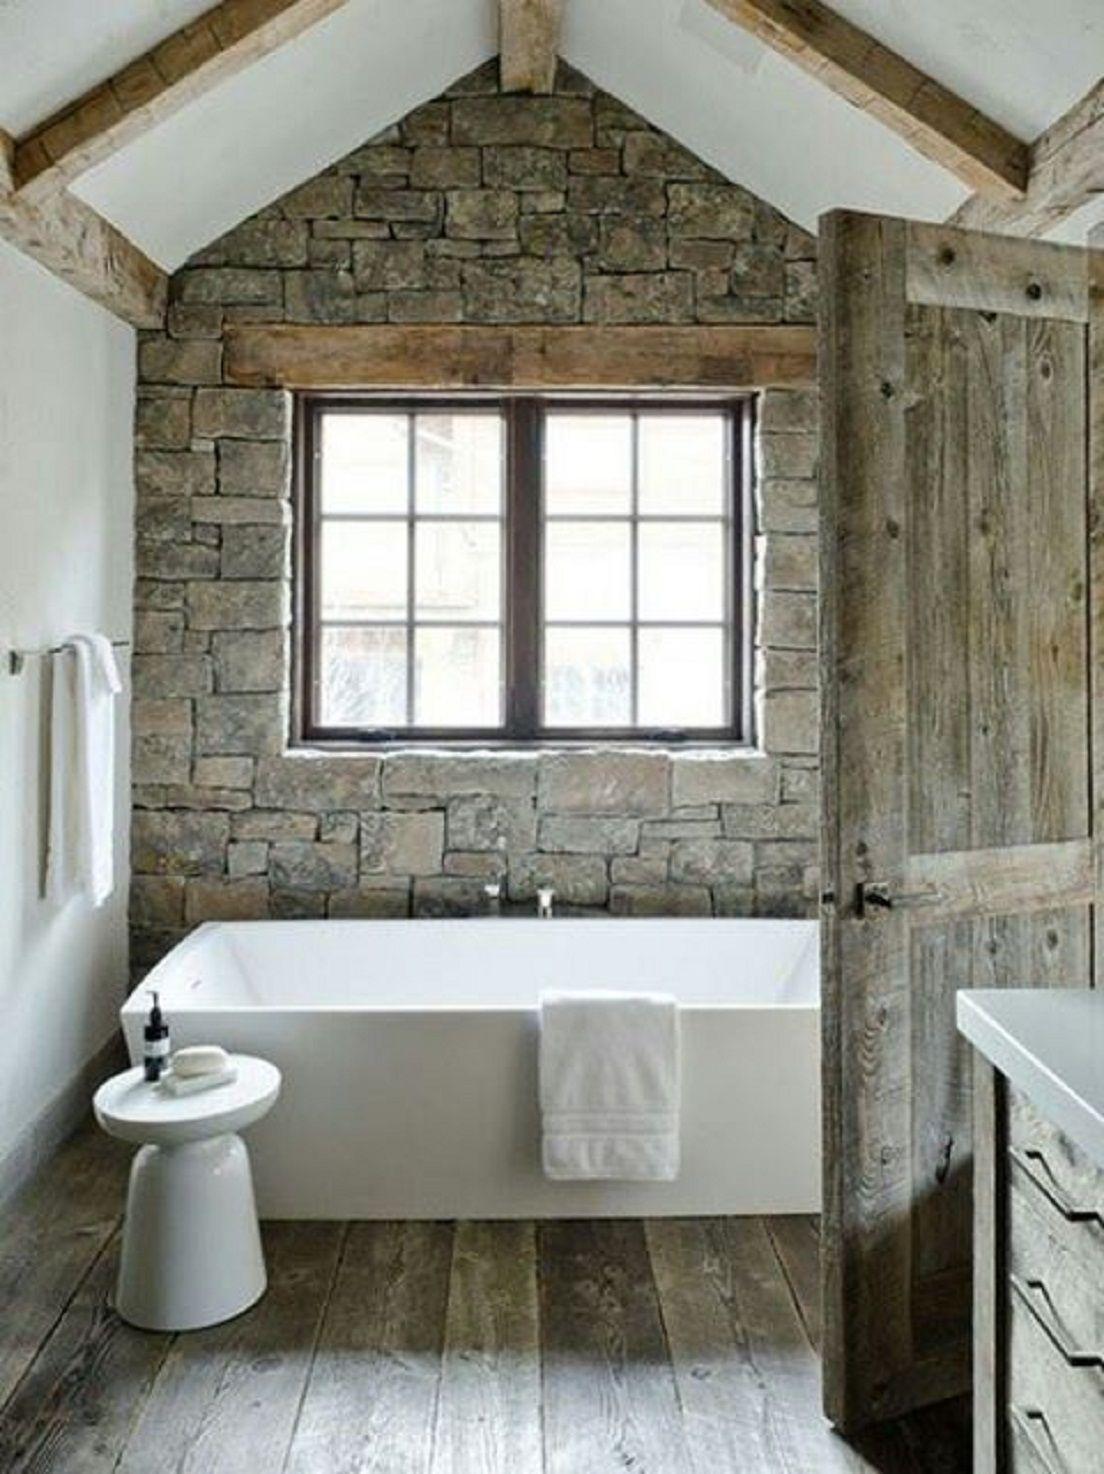 Best Kitchen Gallery: Minimalist Modern Rustic Bathroom Designs Cool Rustic Bathroom of Rustic Bathroom Designs  on rachelxblog.com